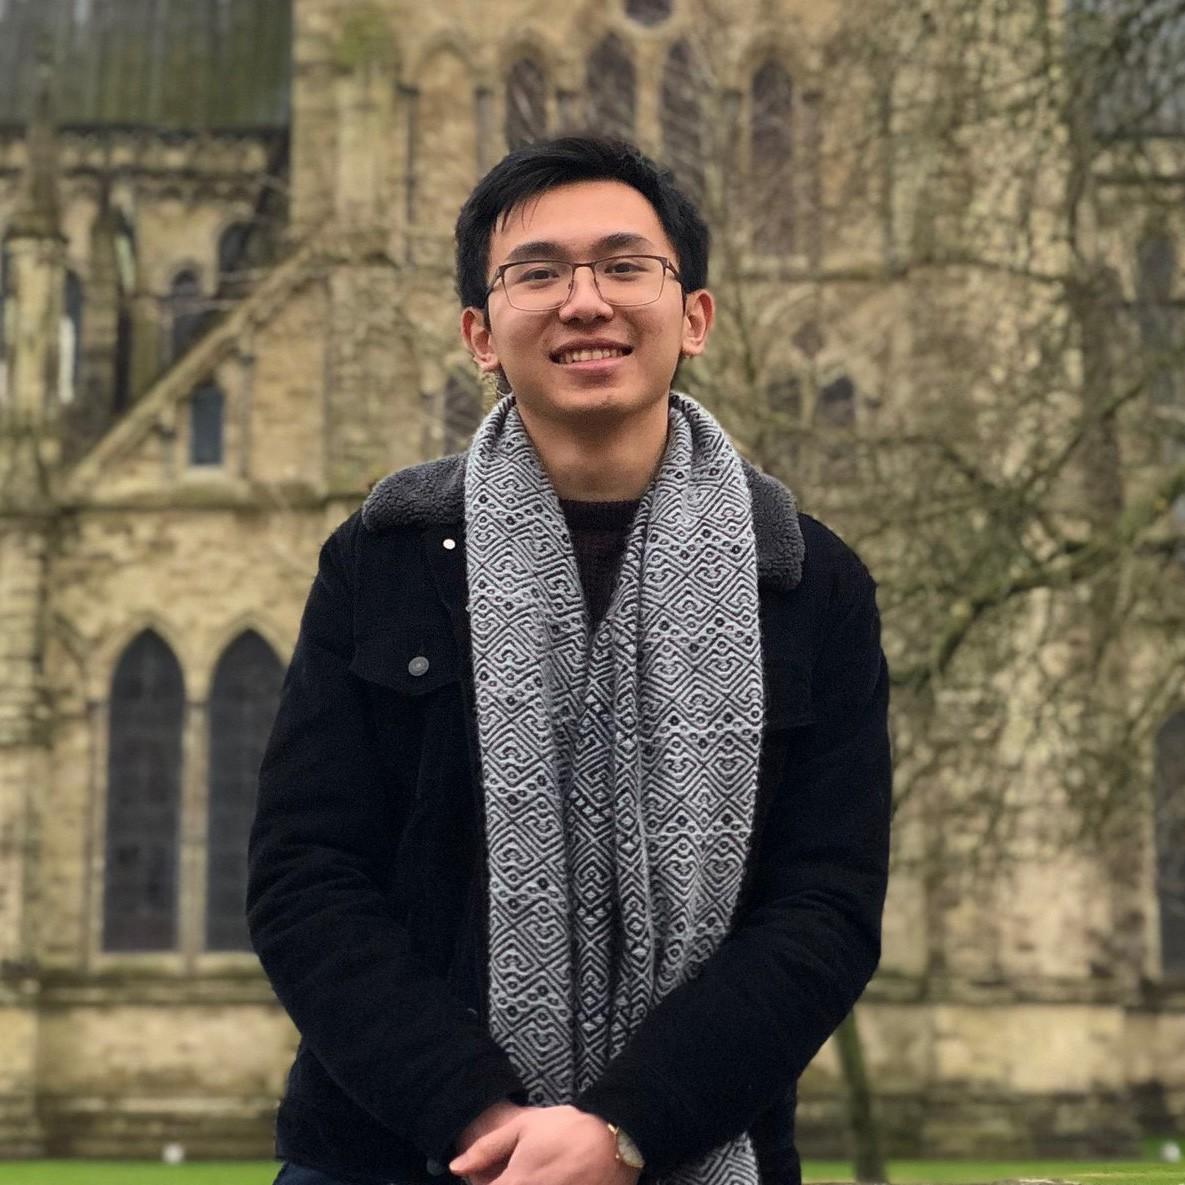 Chàng trai Hà Tĩnh chuẩn con nhà người ta: HCB Toán quốc tế, nhận học bổng tiến sĩ toàn phần khi mới học năm 3 - ảnh 1